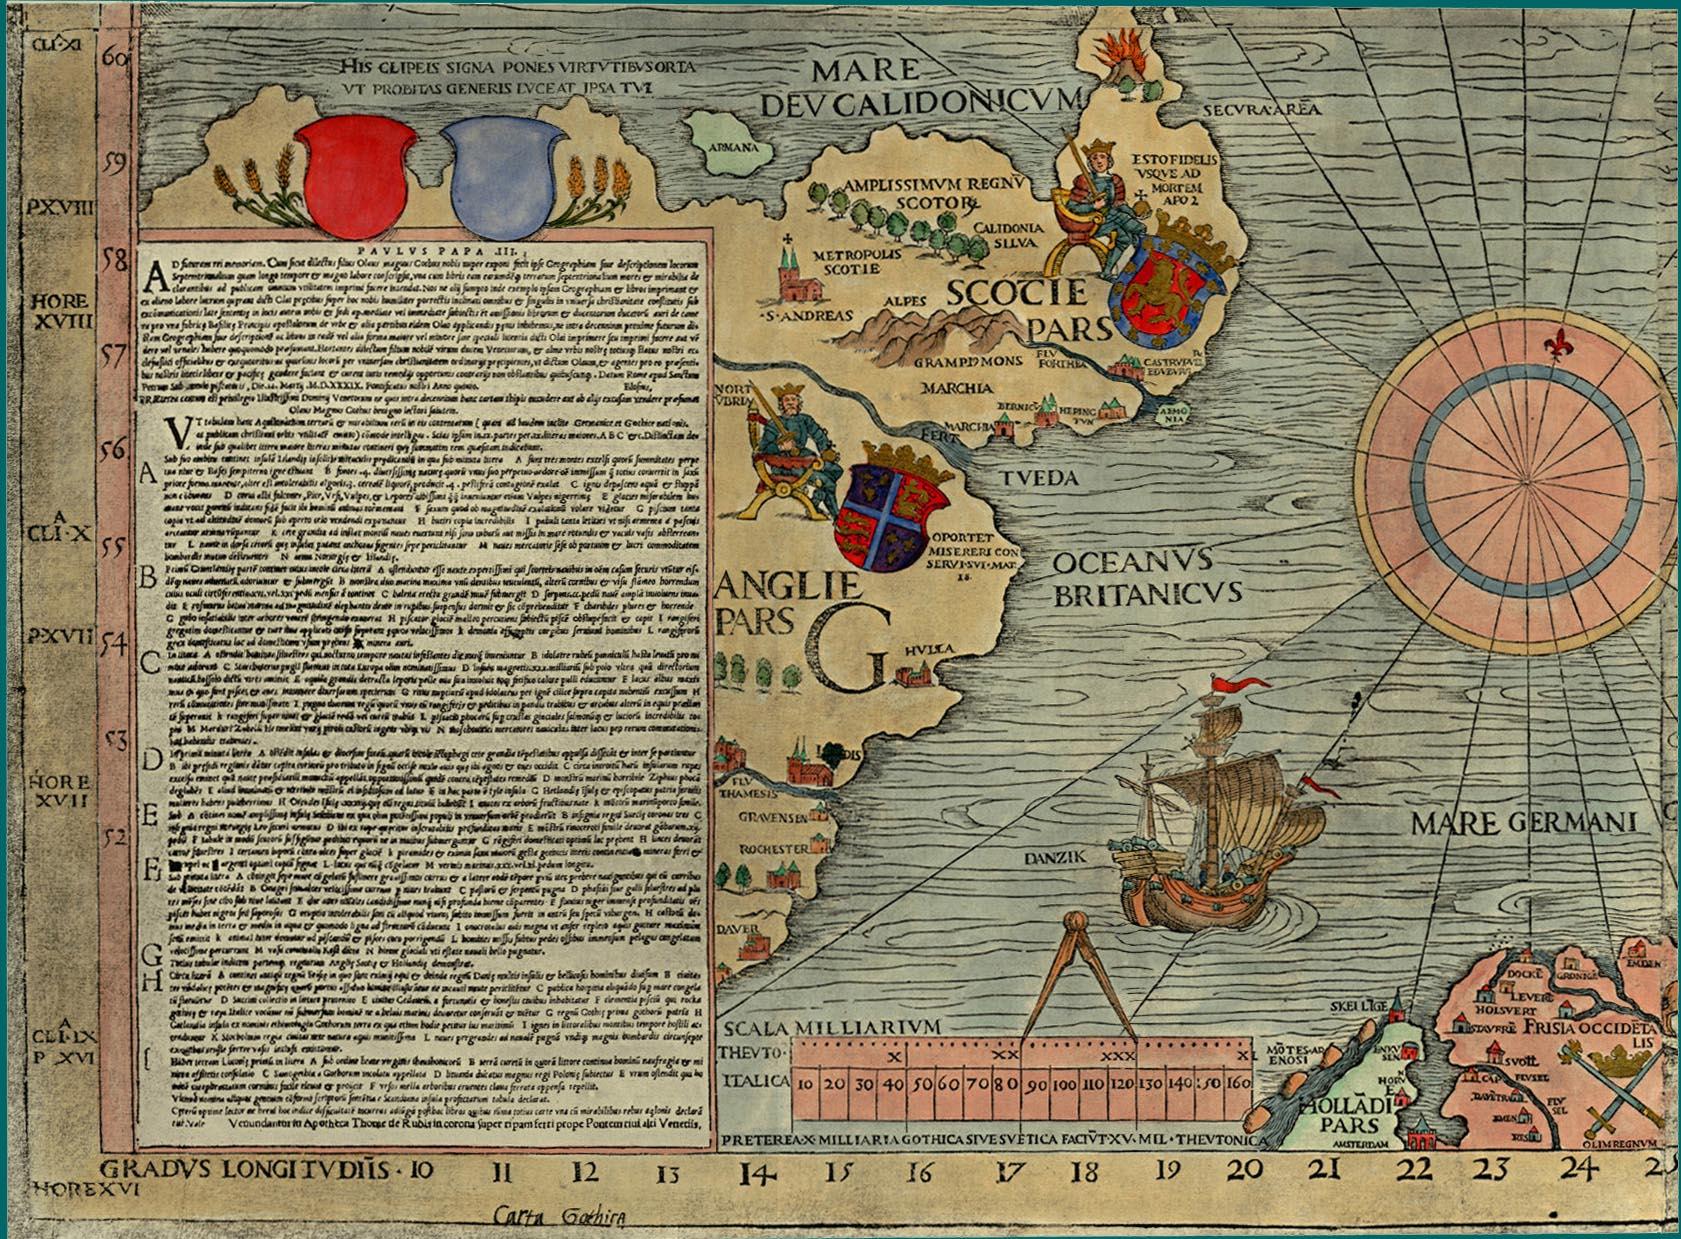 carta marina on art and aesthetics carta marina